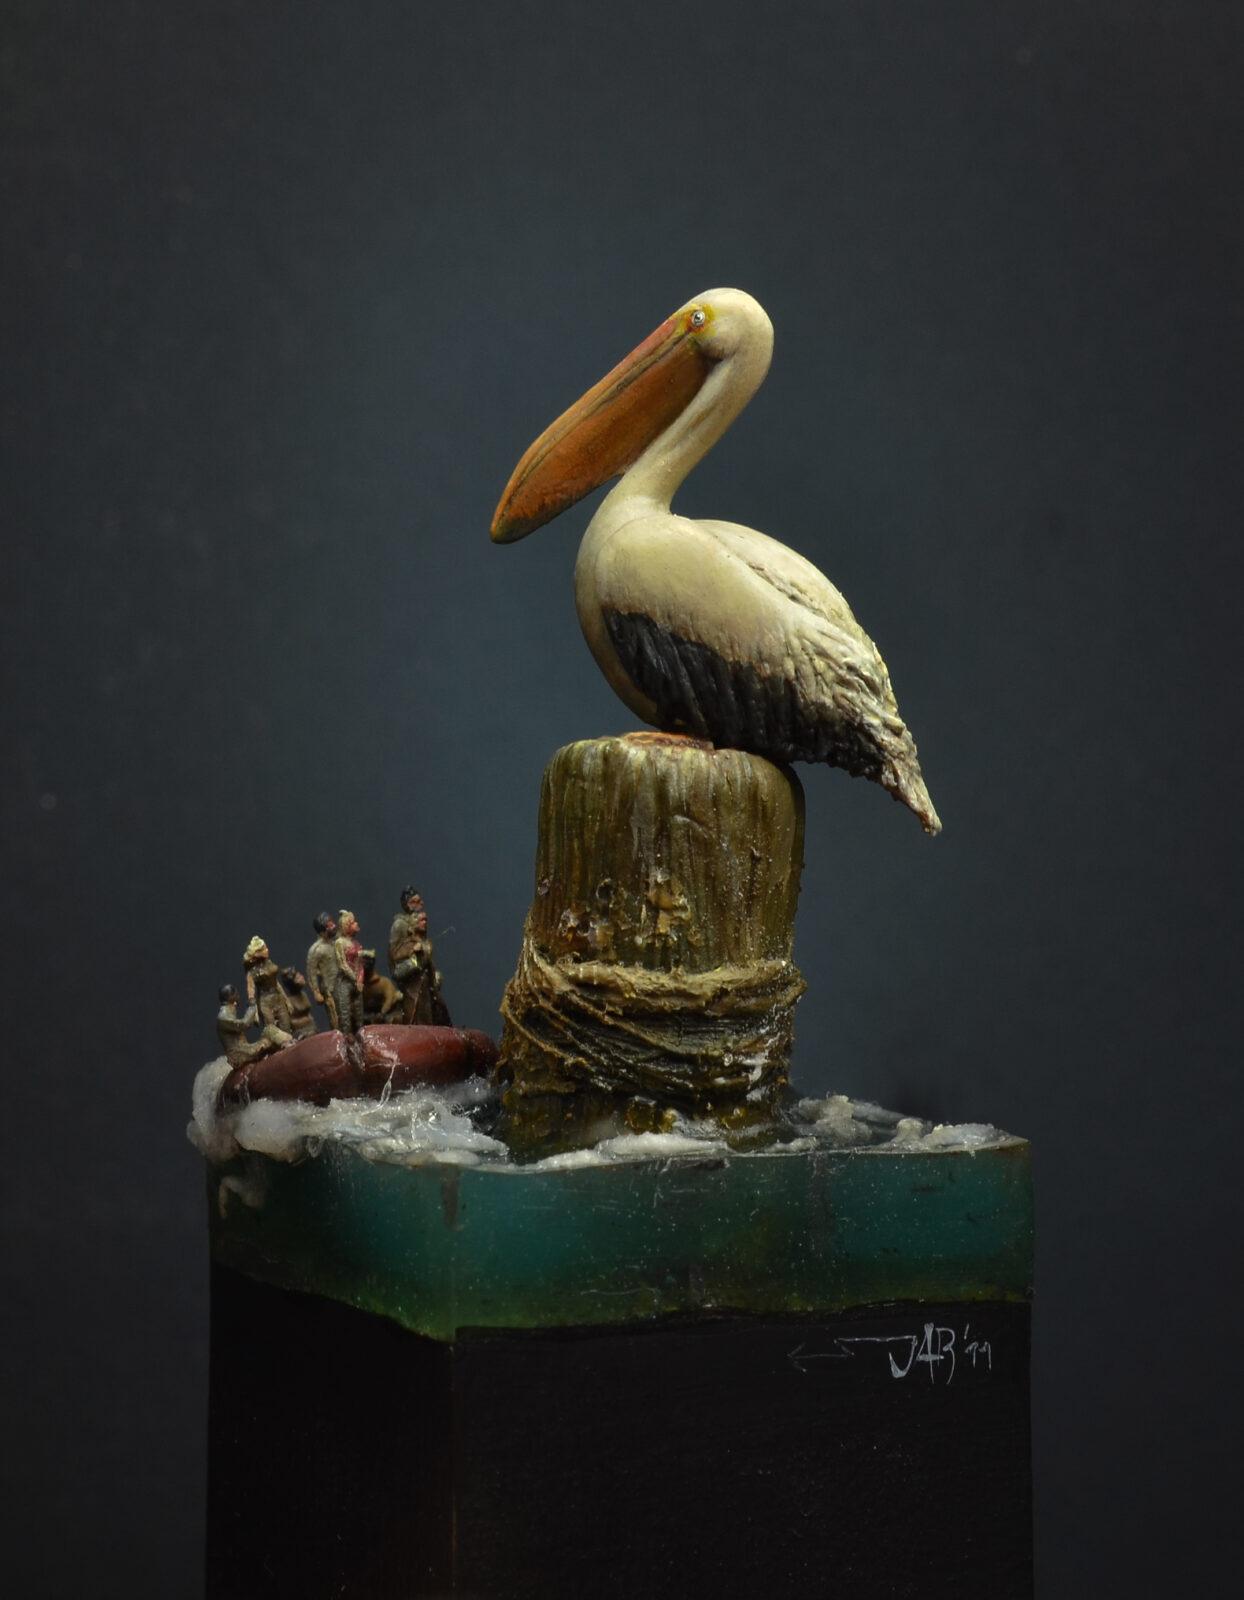 Lastbig Pelican01